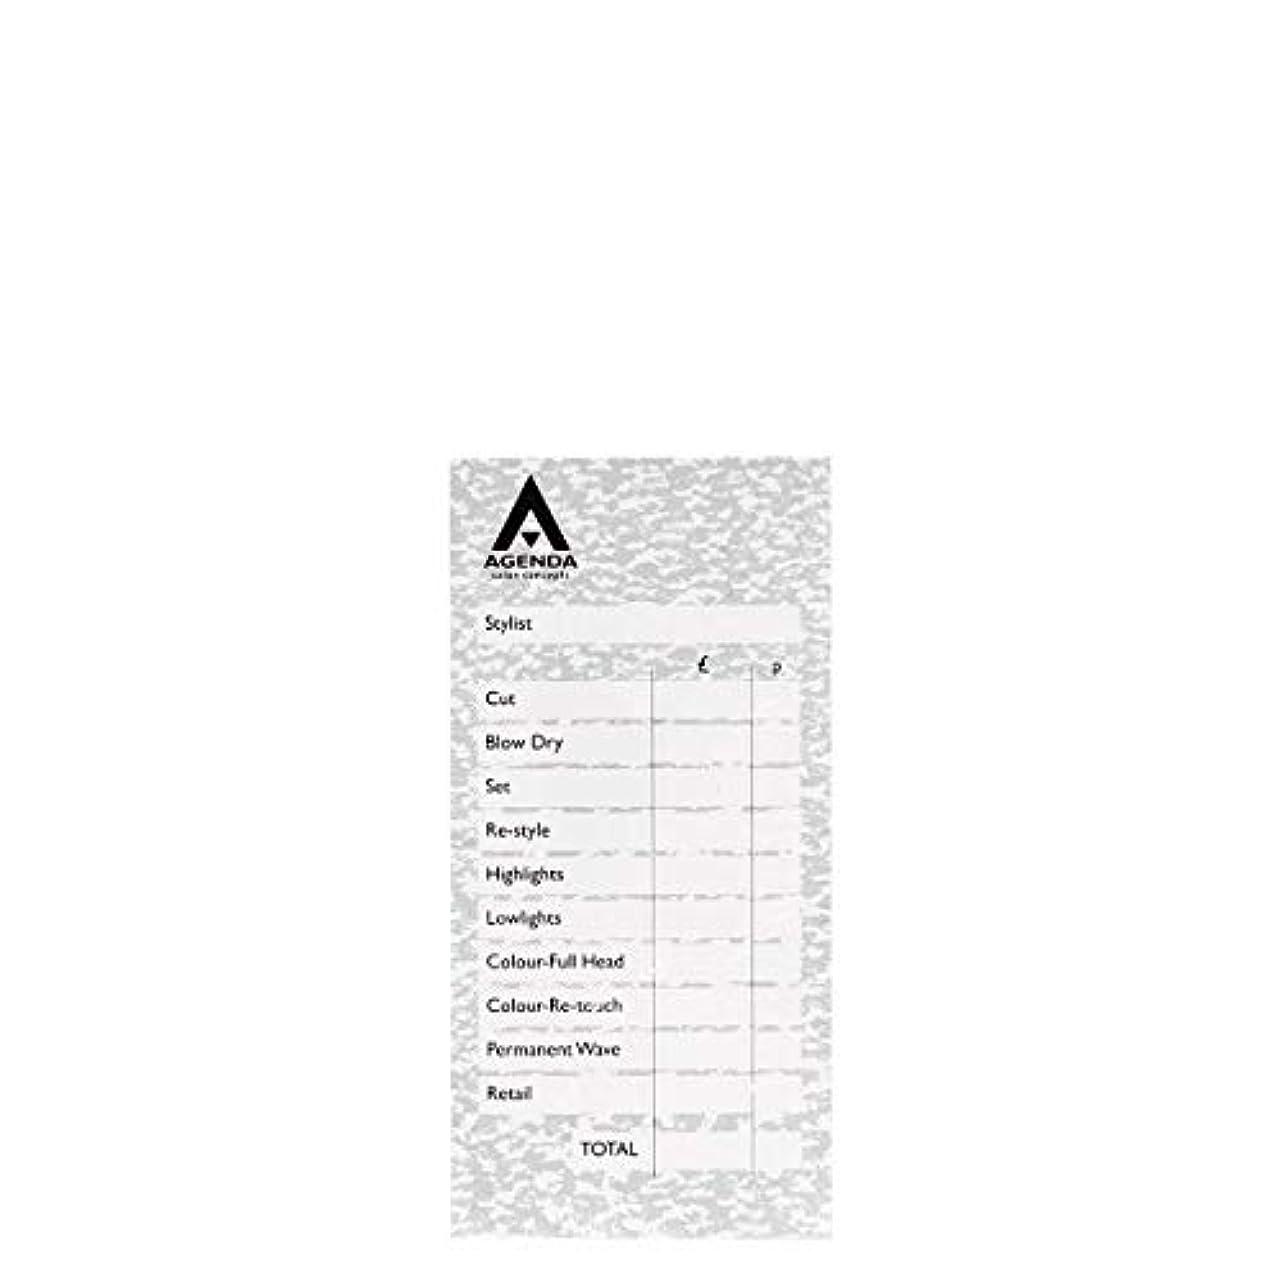 呼び出す不忠クローゼットアジェンダ サロンコンセプト チェックパッドグレー6x100リーフ[海外直送品] [並行輸入品]